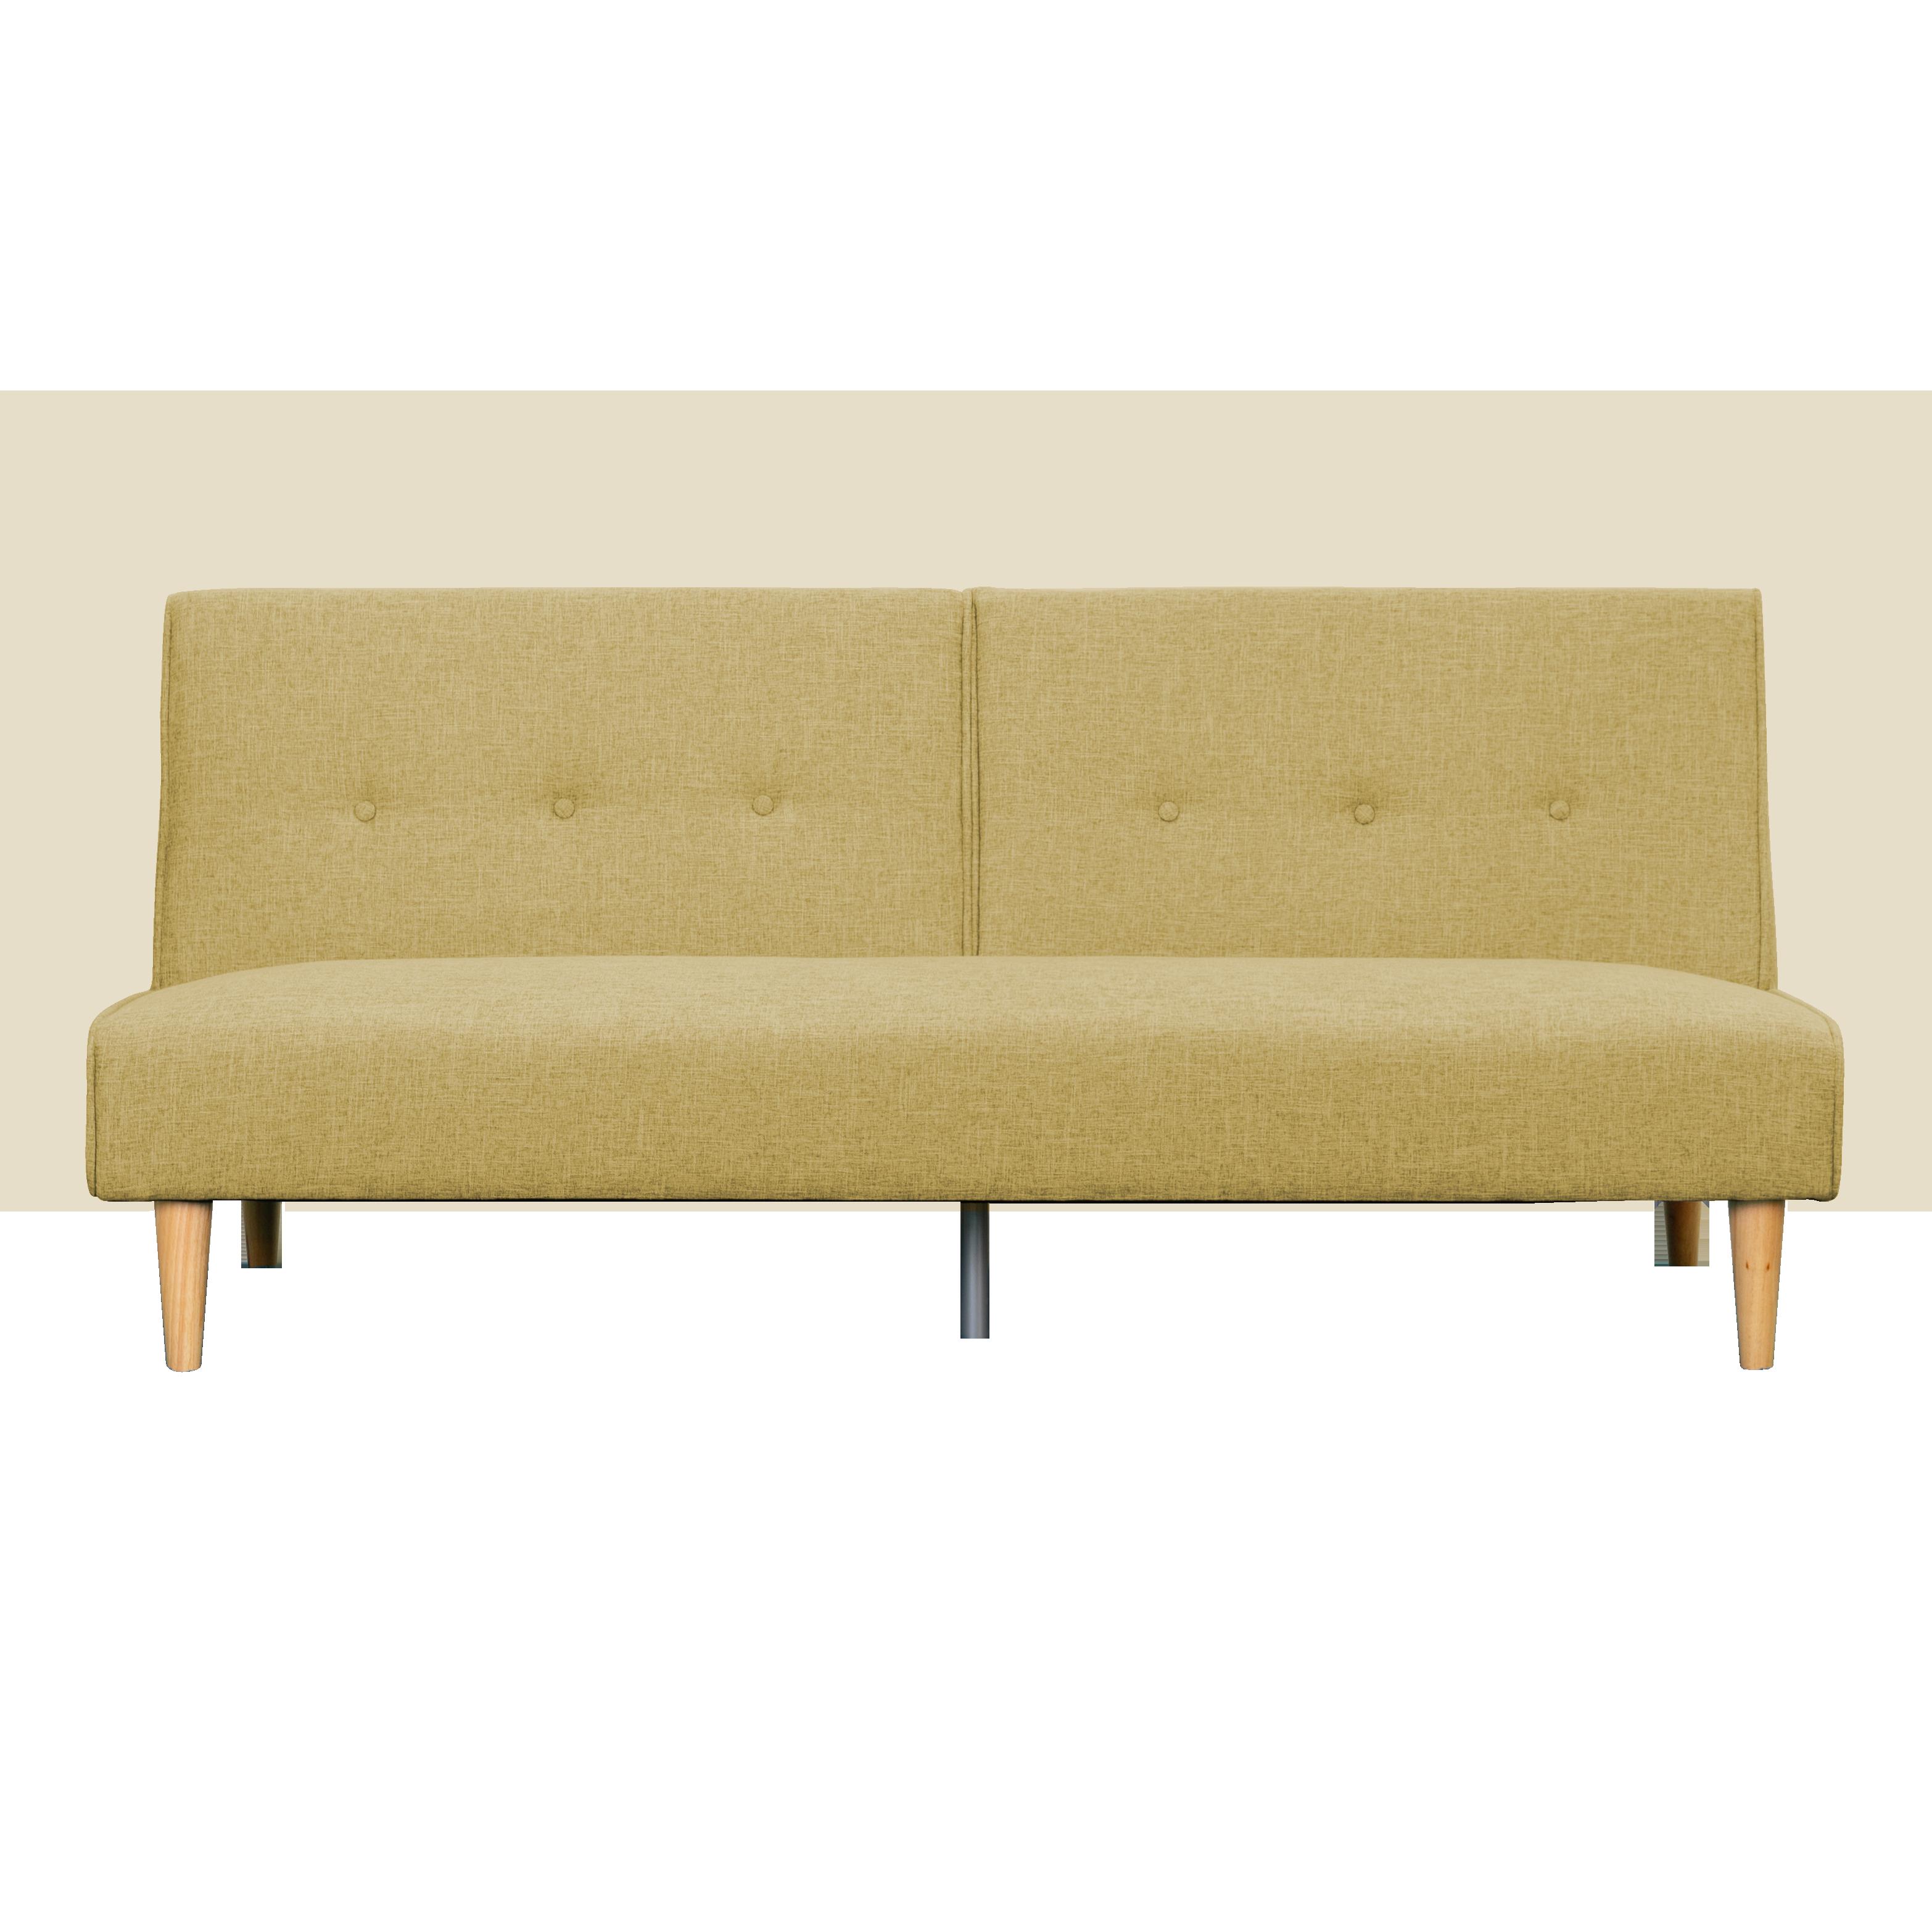 Hipvan Chloe Sofa Bed Custard